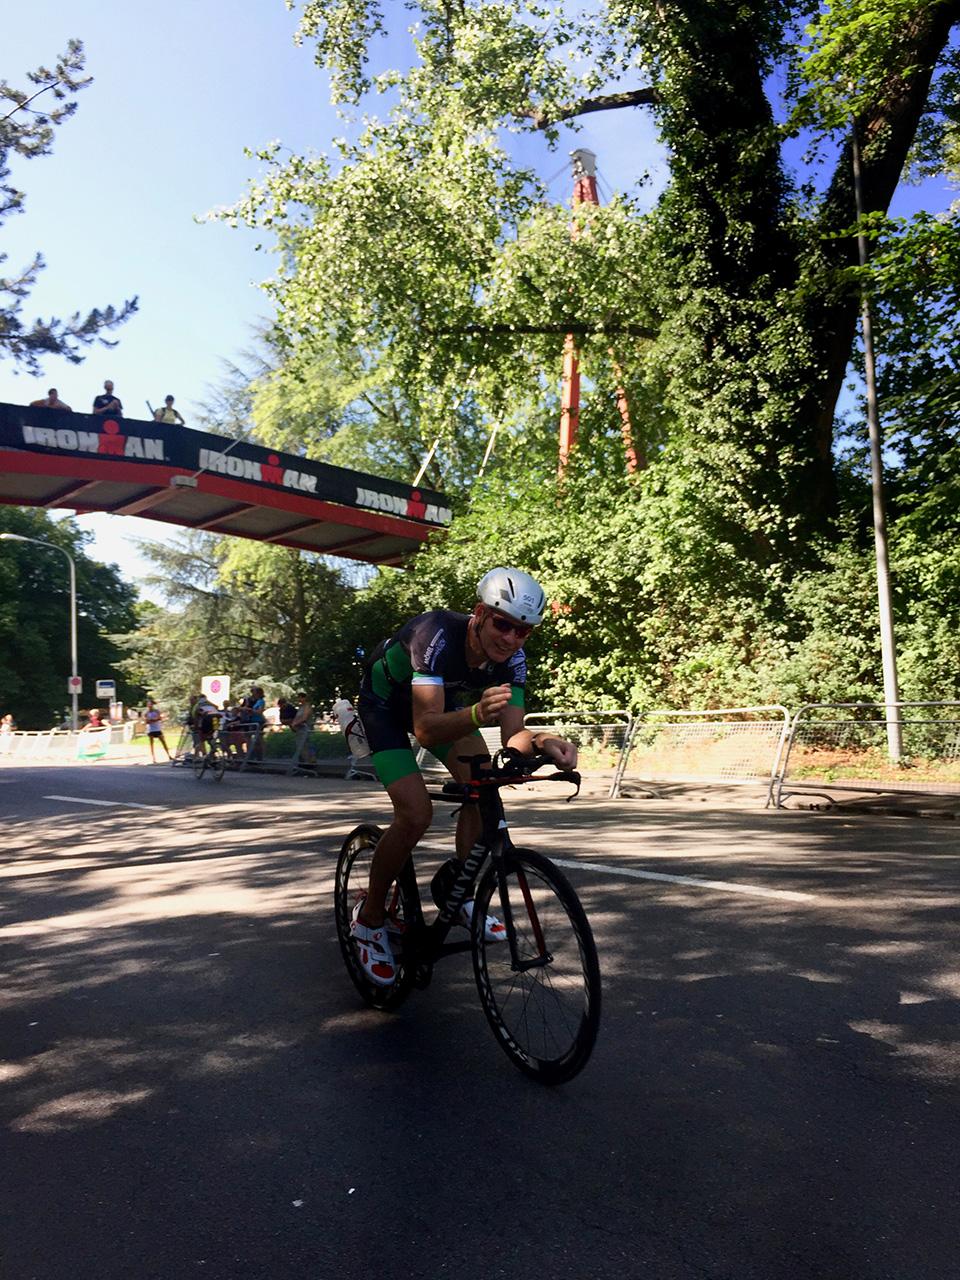 Ironman-Zürich-Rad-JörgSchütz.jpg